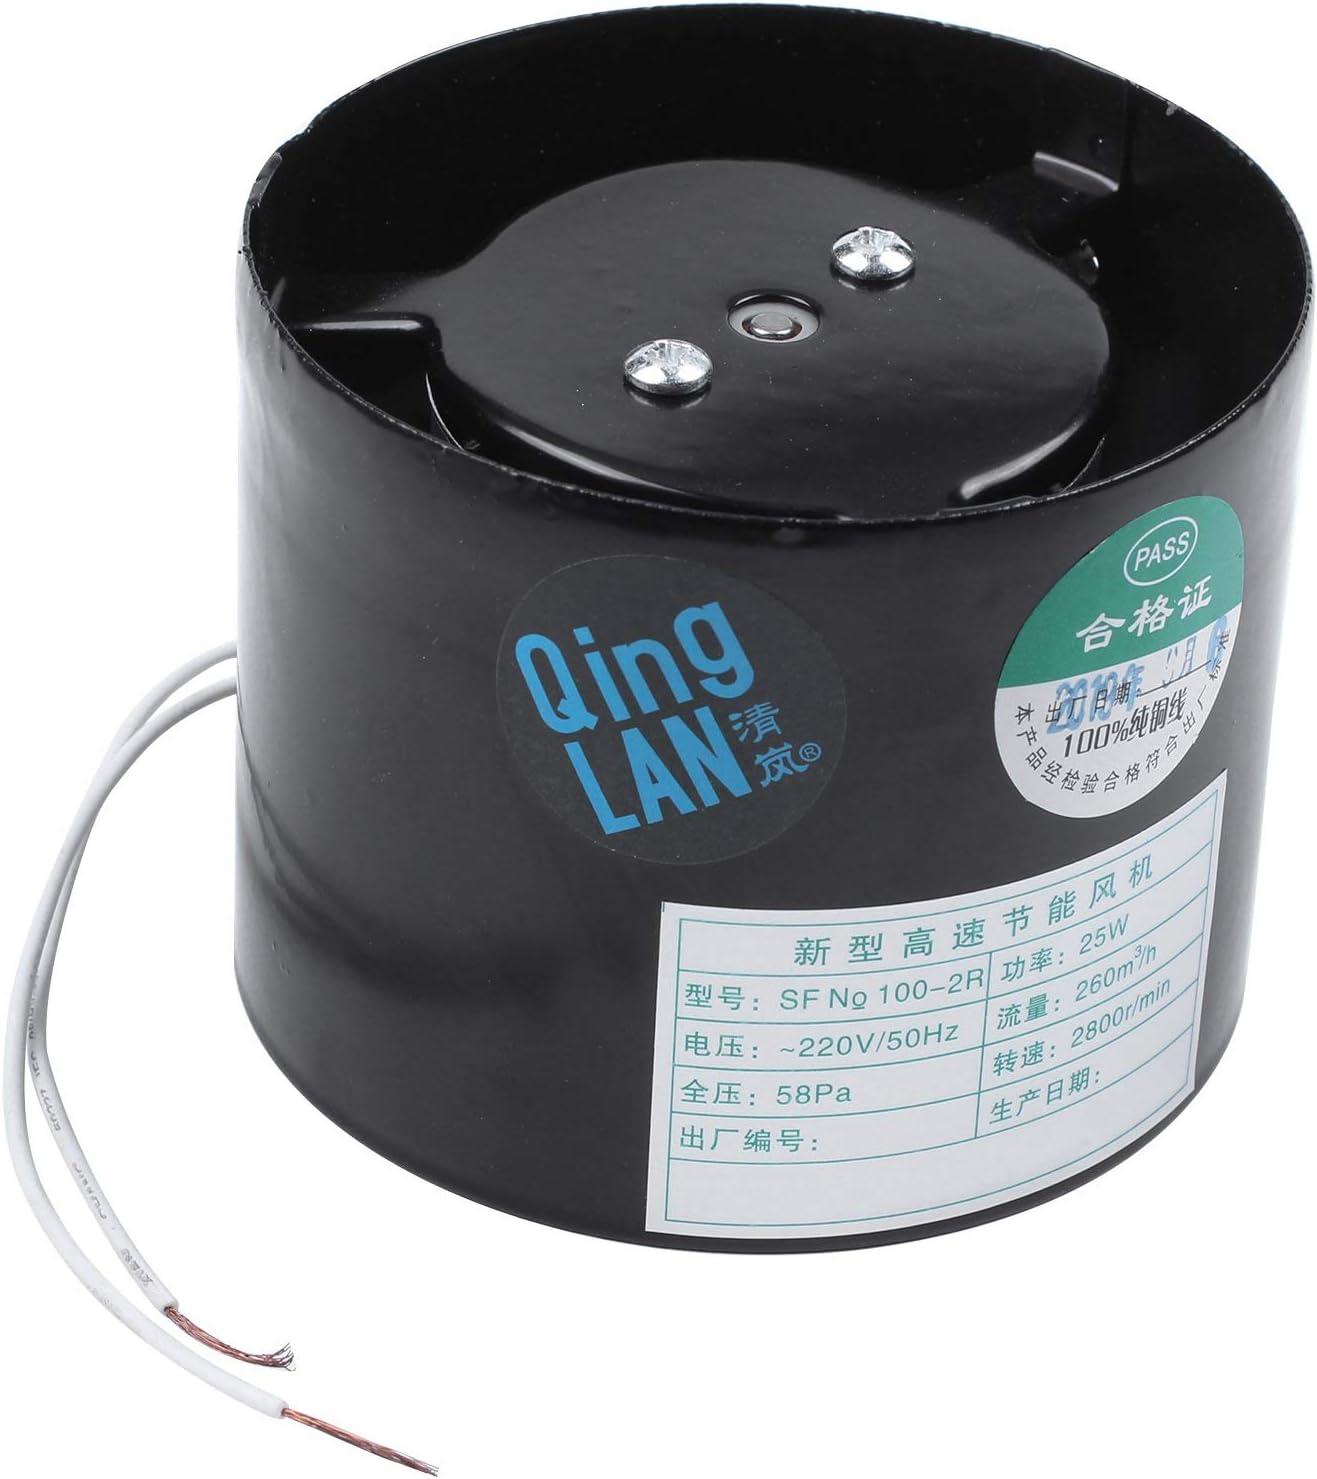 NO BRAND Tuneway Ventilador de Conducto en L/íNea de 4 Pulgadas Ventilador de ire Ventilador de Tubo de Metal de Extracci/óN Ba?o Inodoro de Pared ccesorios para Ventilador de Conducto 220V Negro